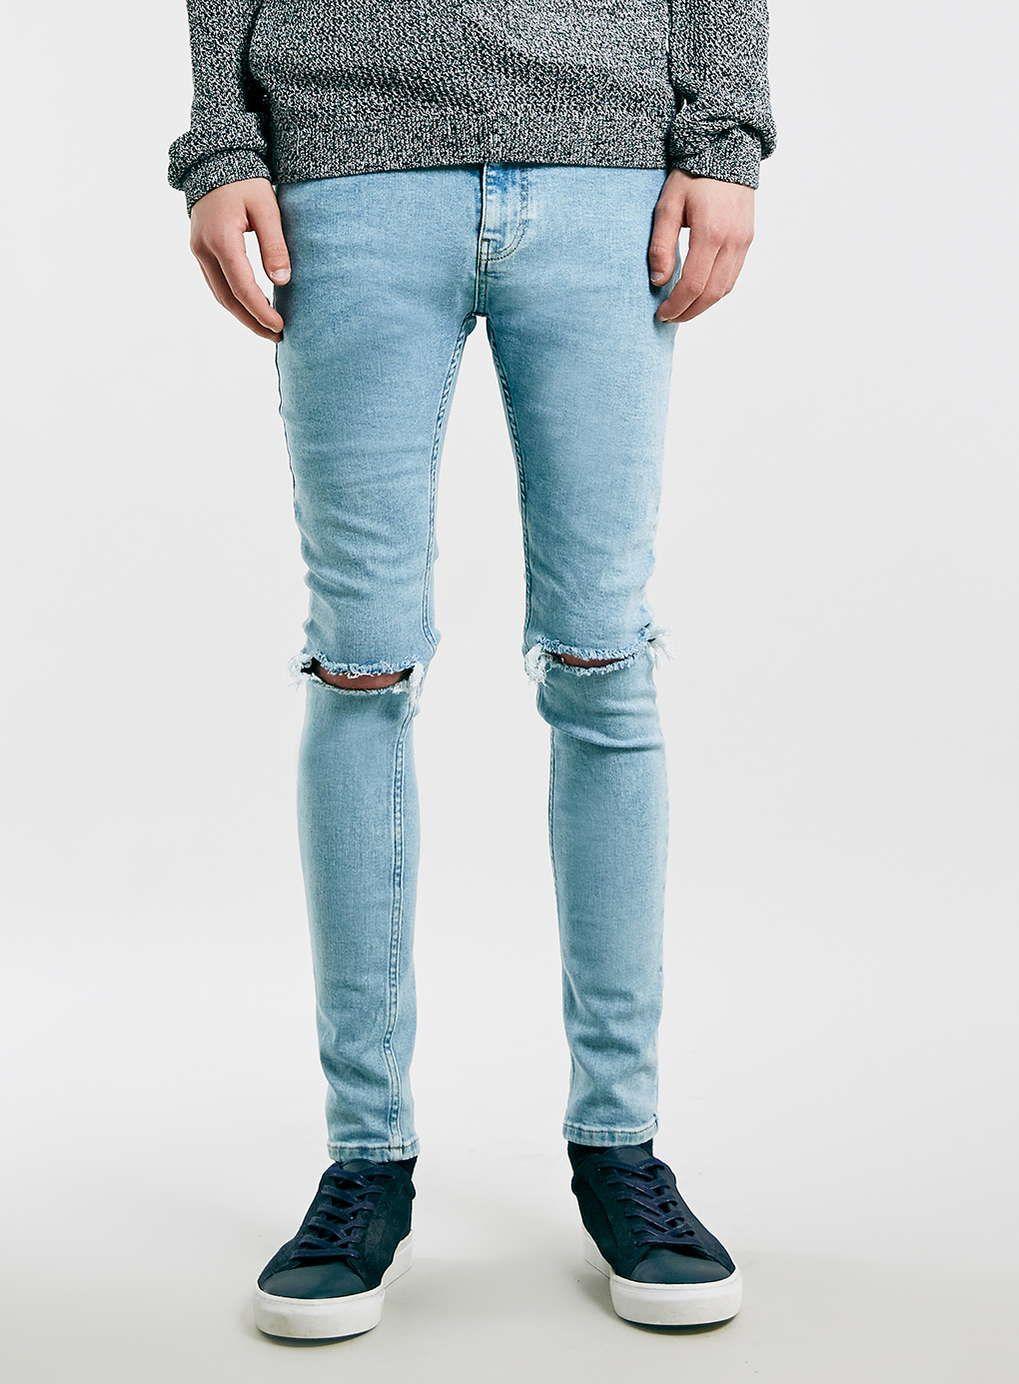 Light Blue Ripped Spray On Skinny Jeans | Sprays